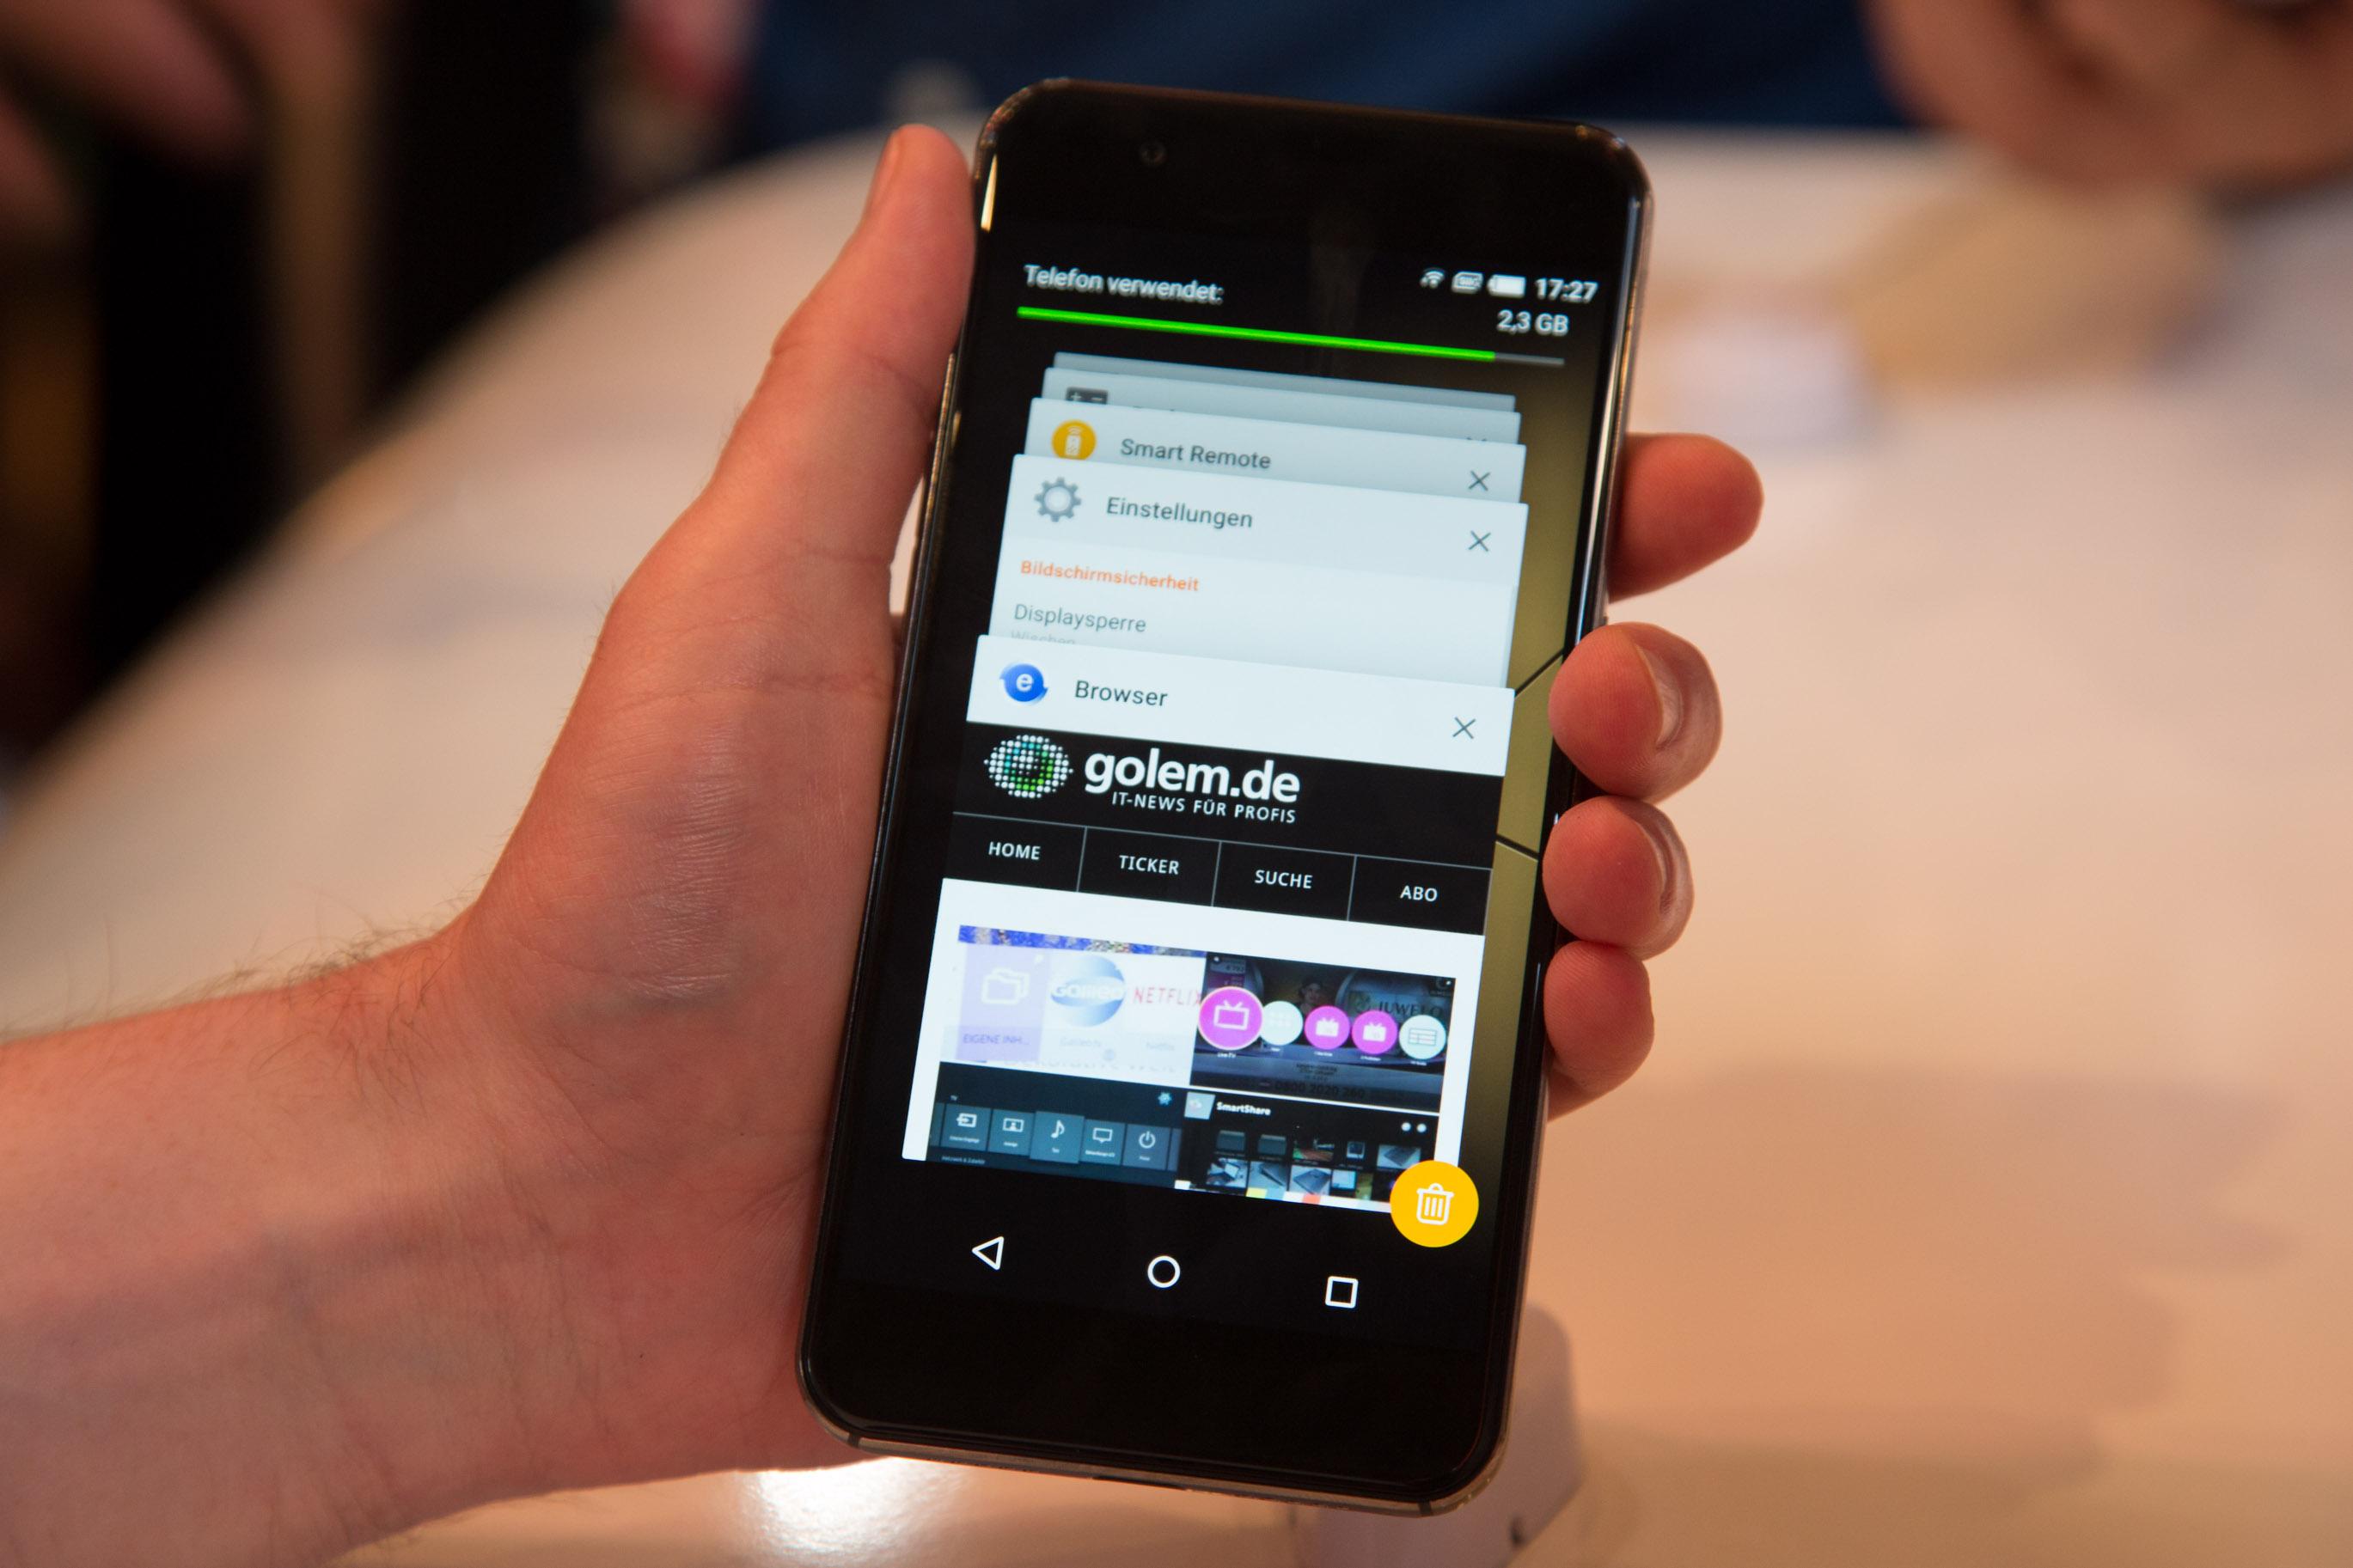 Me Pro im Hands on: Gigasets Einstieg in den Smartphone-Markt - Gigasets Me Pro (Bild: Martin Wolf/Golem.de)